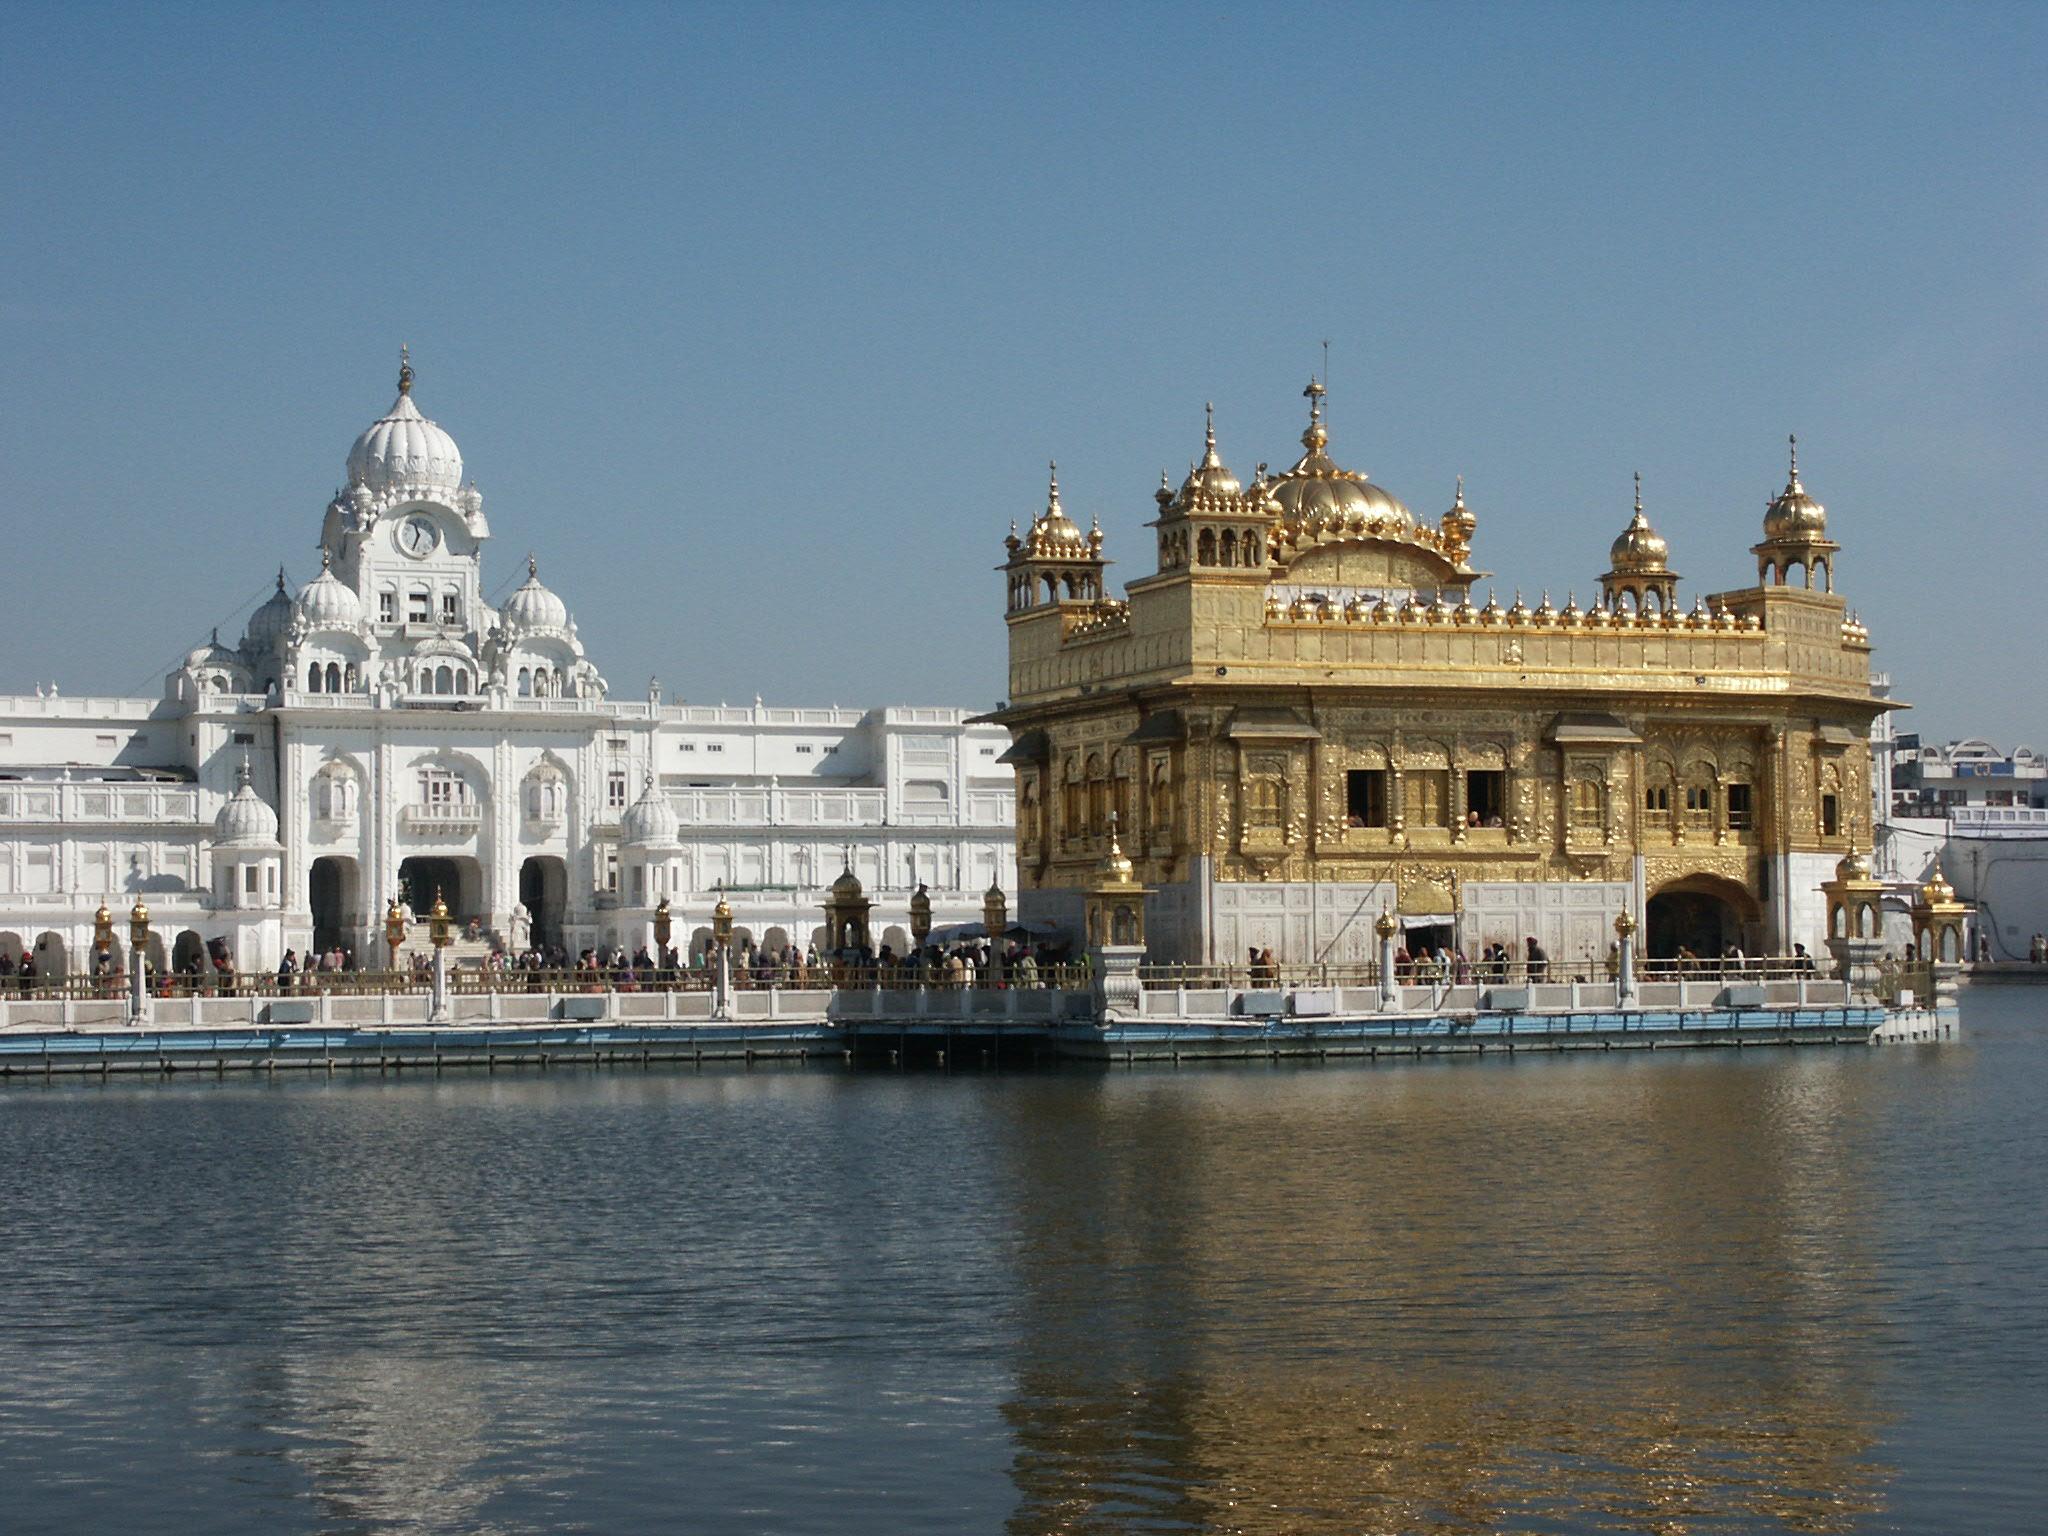 Amritsar India  City pictures : Golden Temple, Amritsar, India | Rajinder Banga's Photo Blog